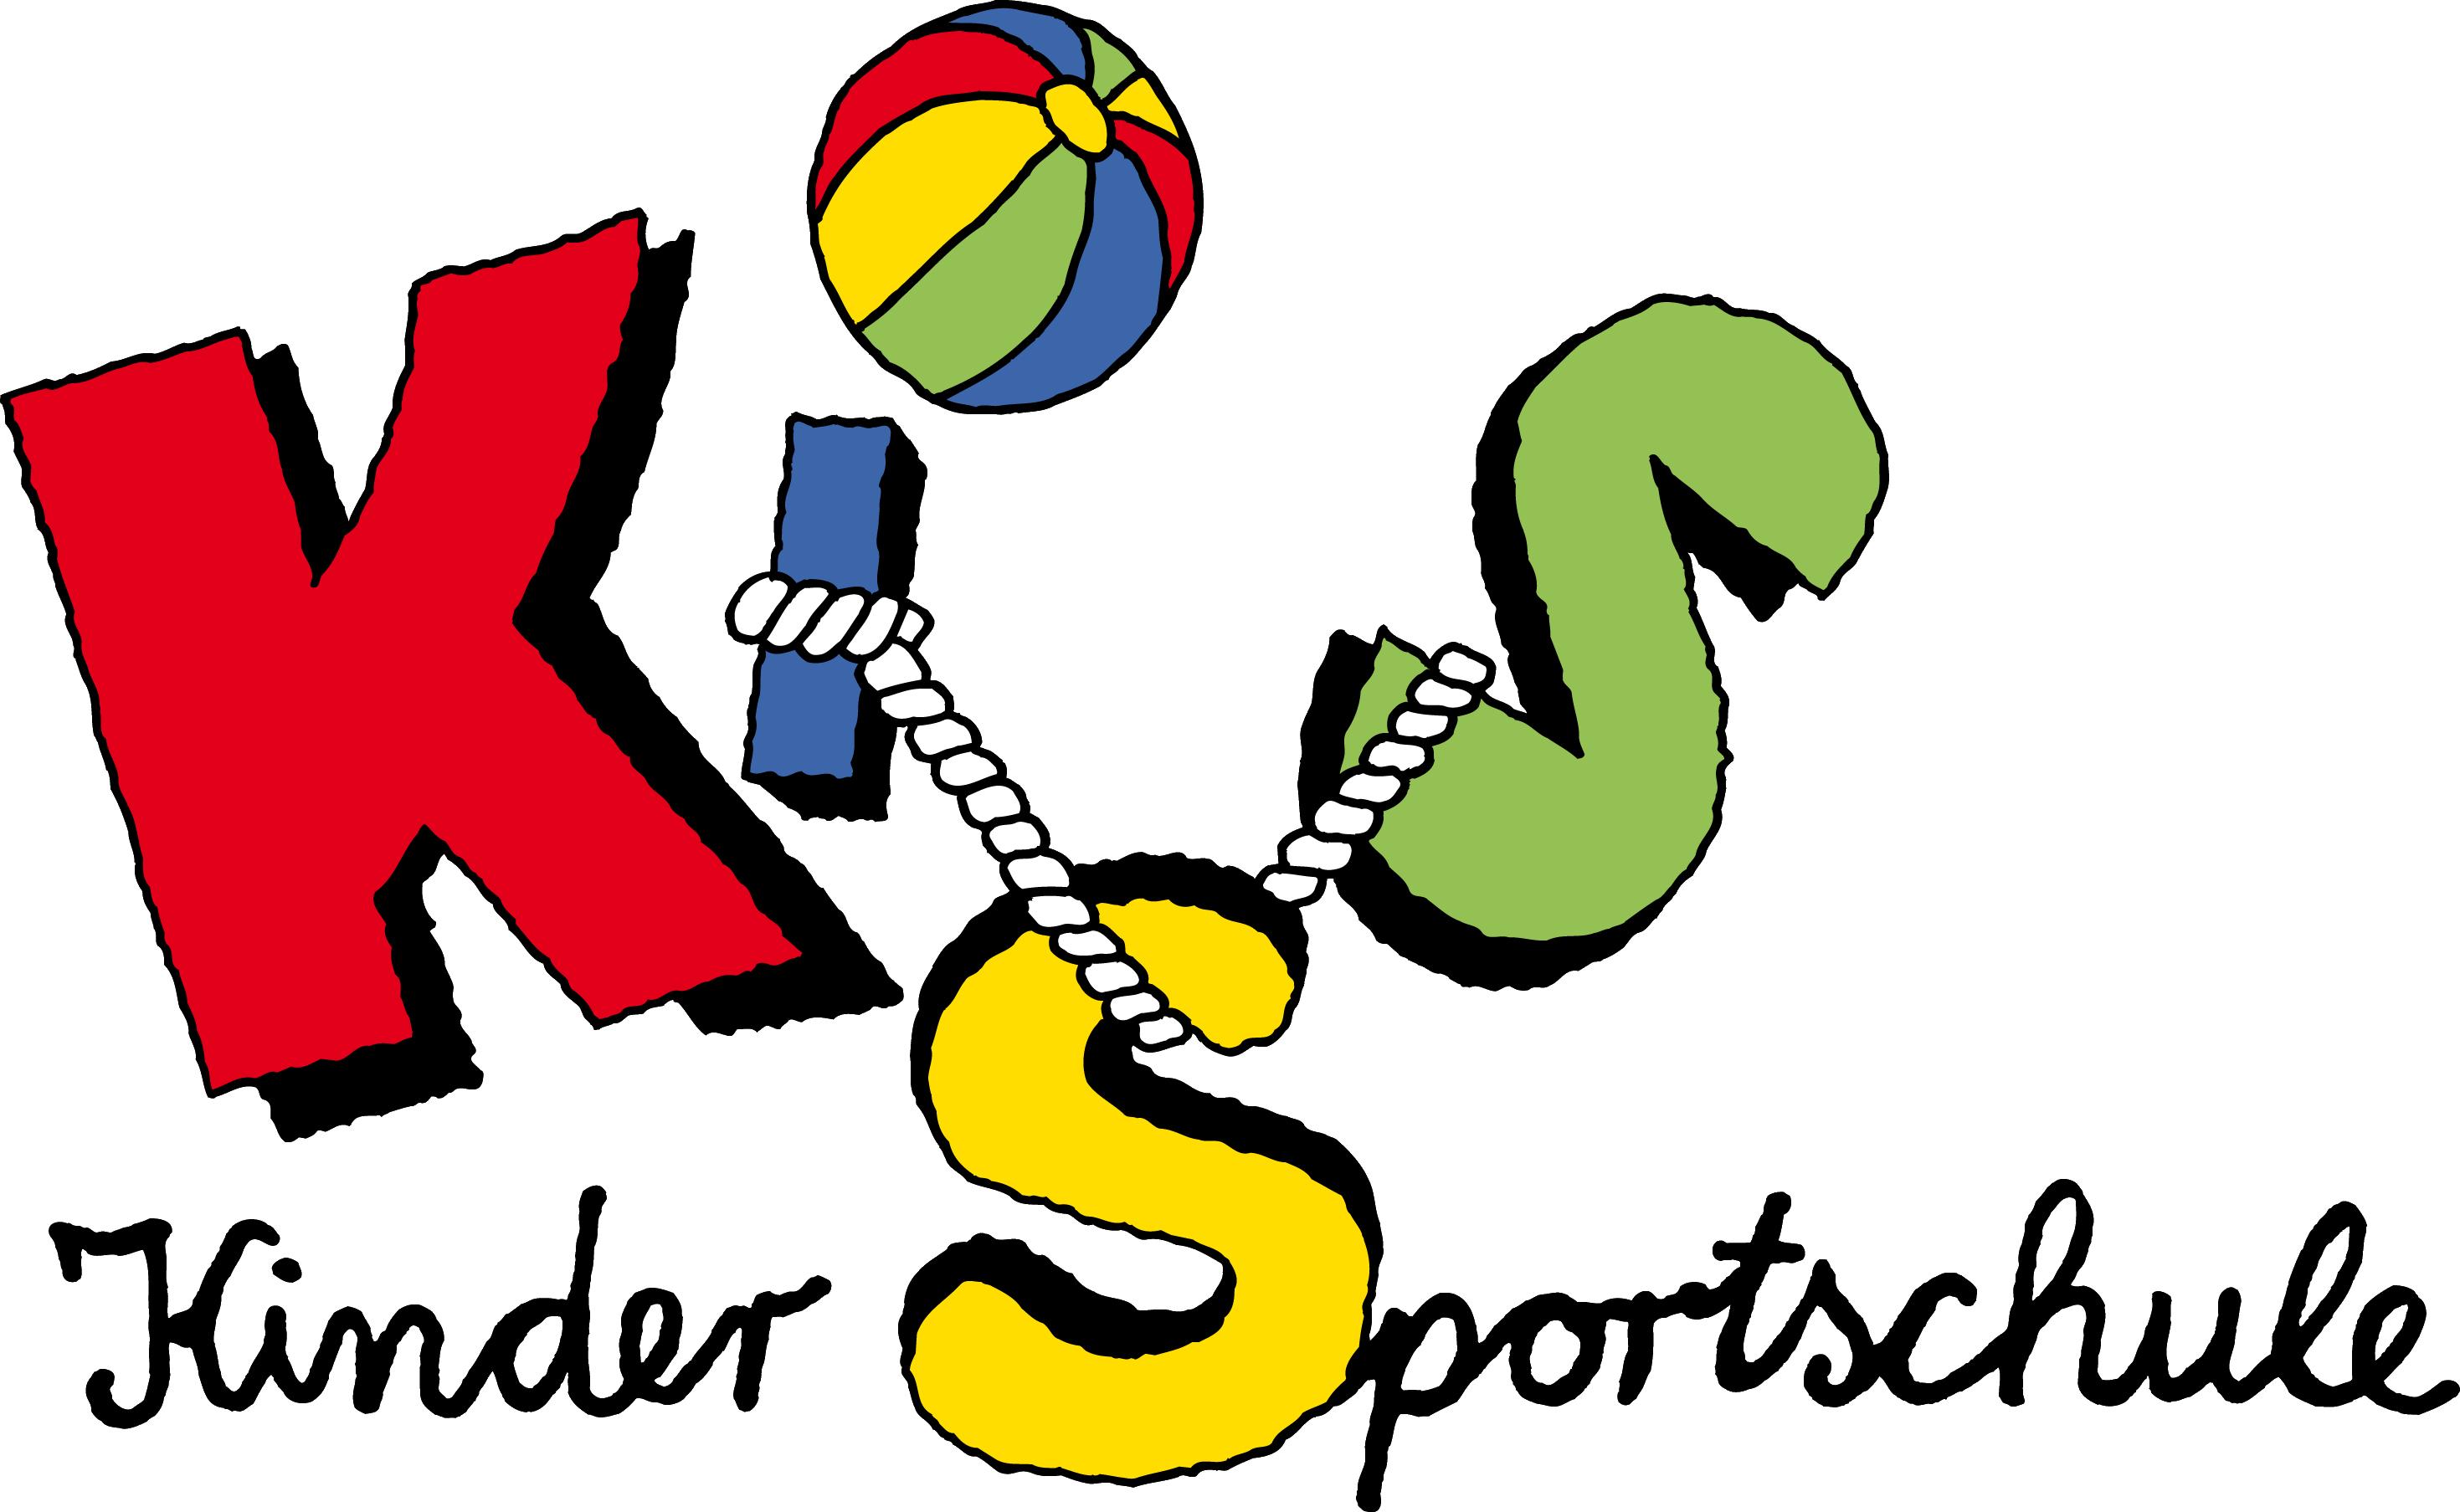 Kindersportschulen